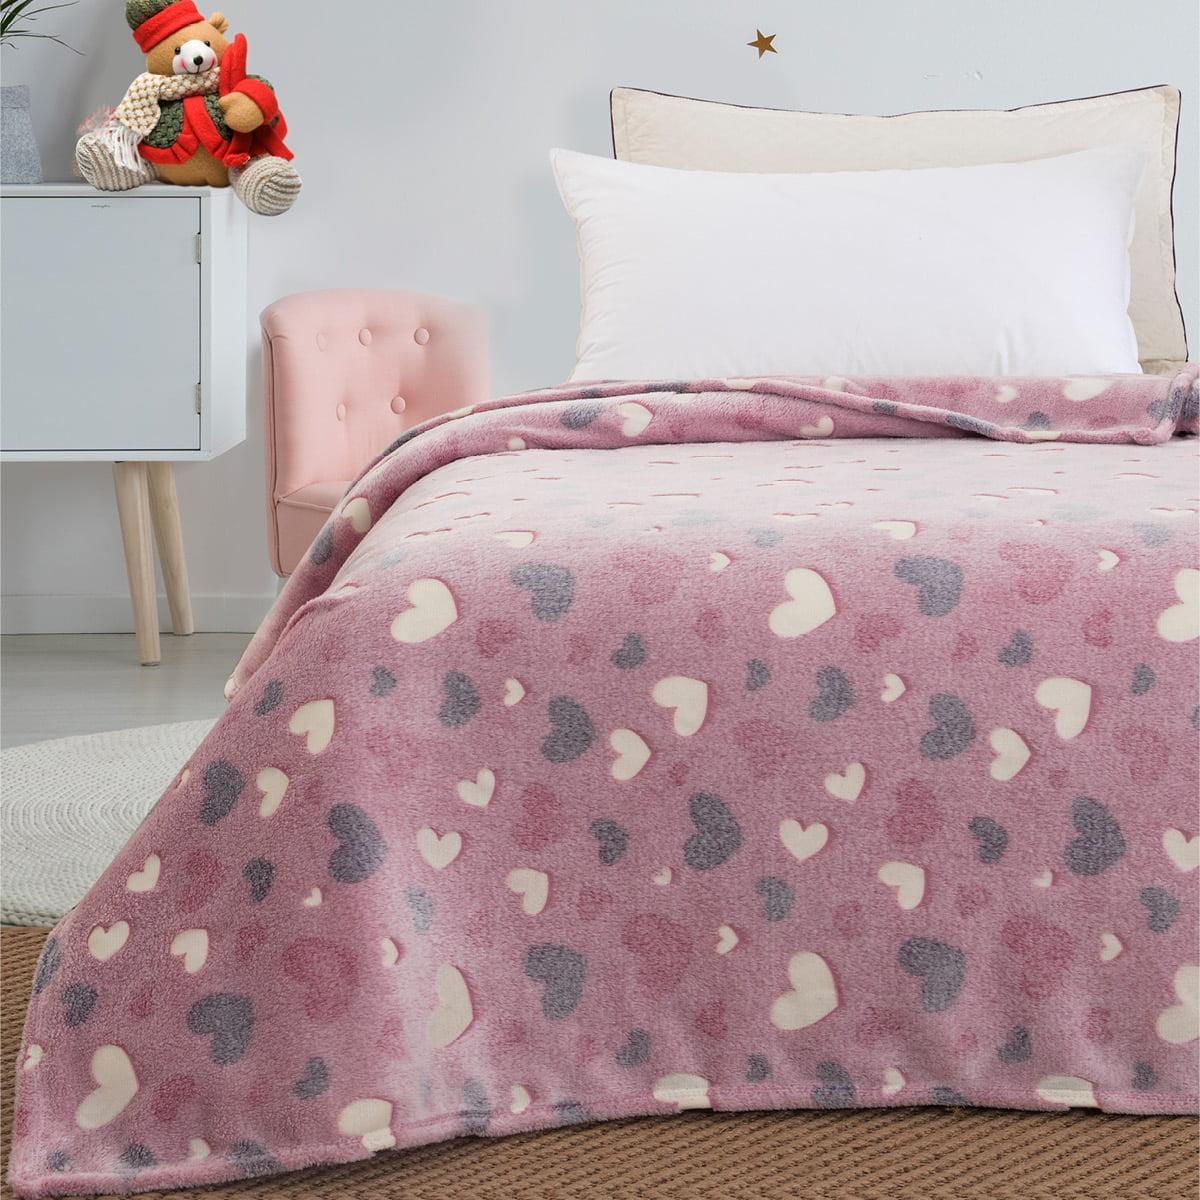 Κουβέρτα μονή φωσφορίζουσα Art 6137  160x220 Ροζ Beauty Home